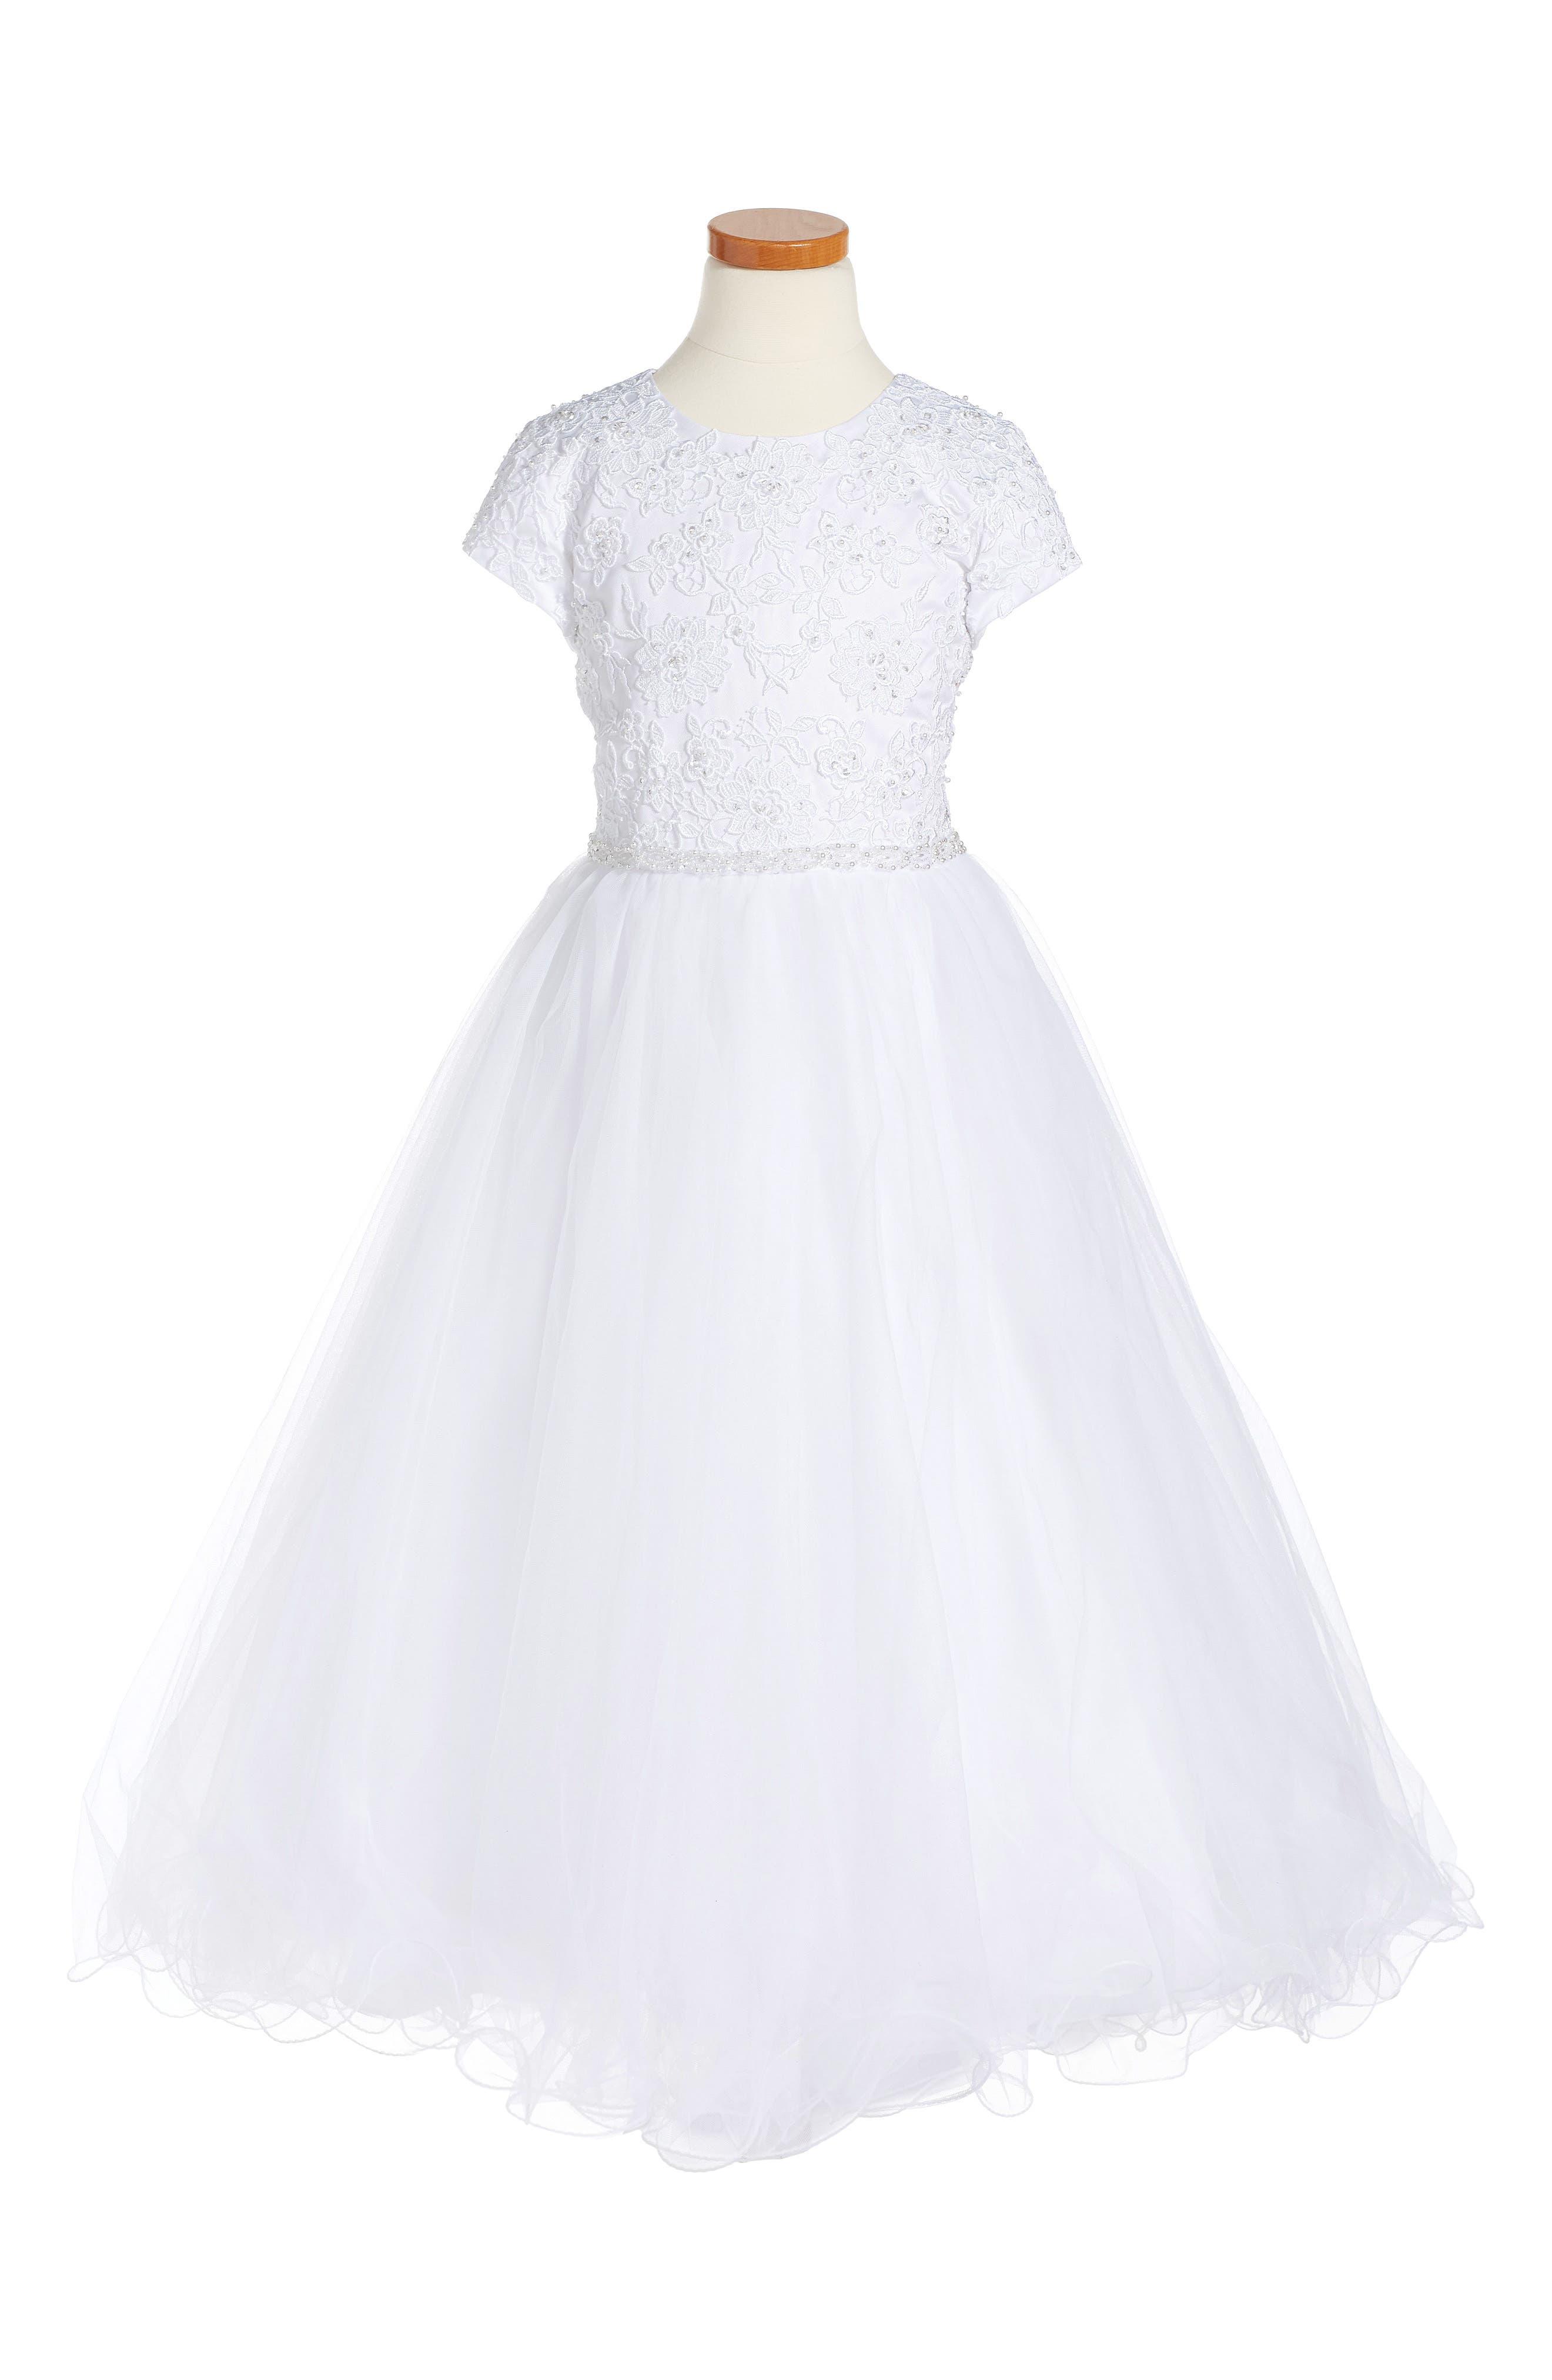 Floral Appliqué First Communion Dress,                         Main,                         color, 100